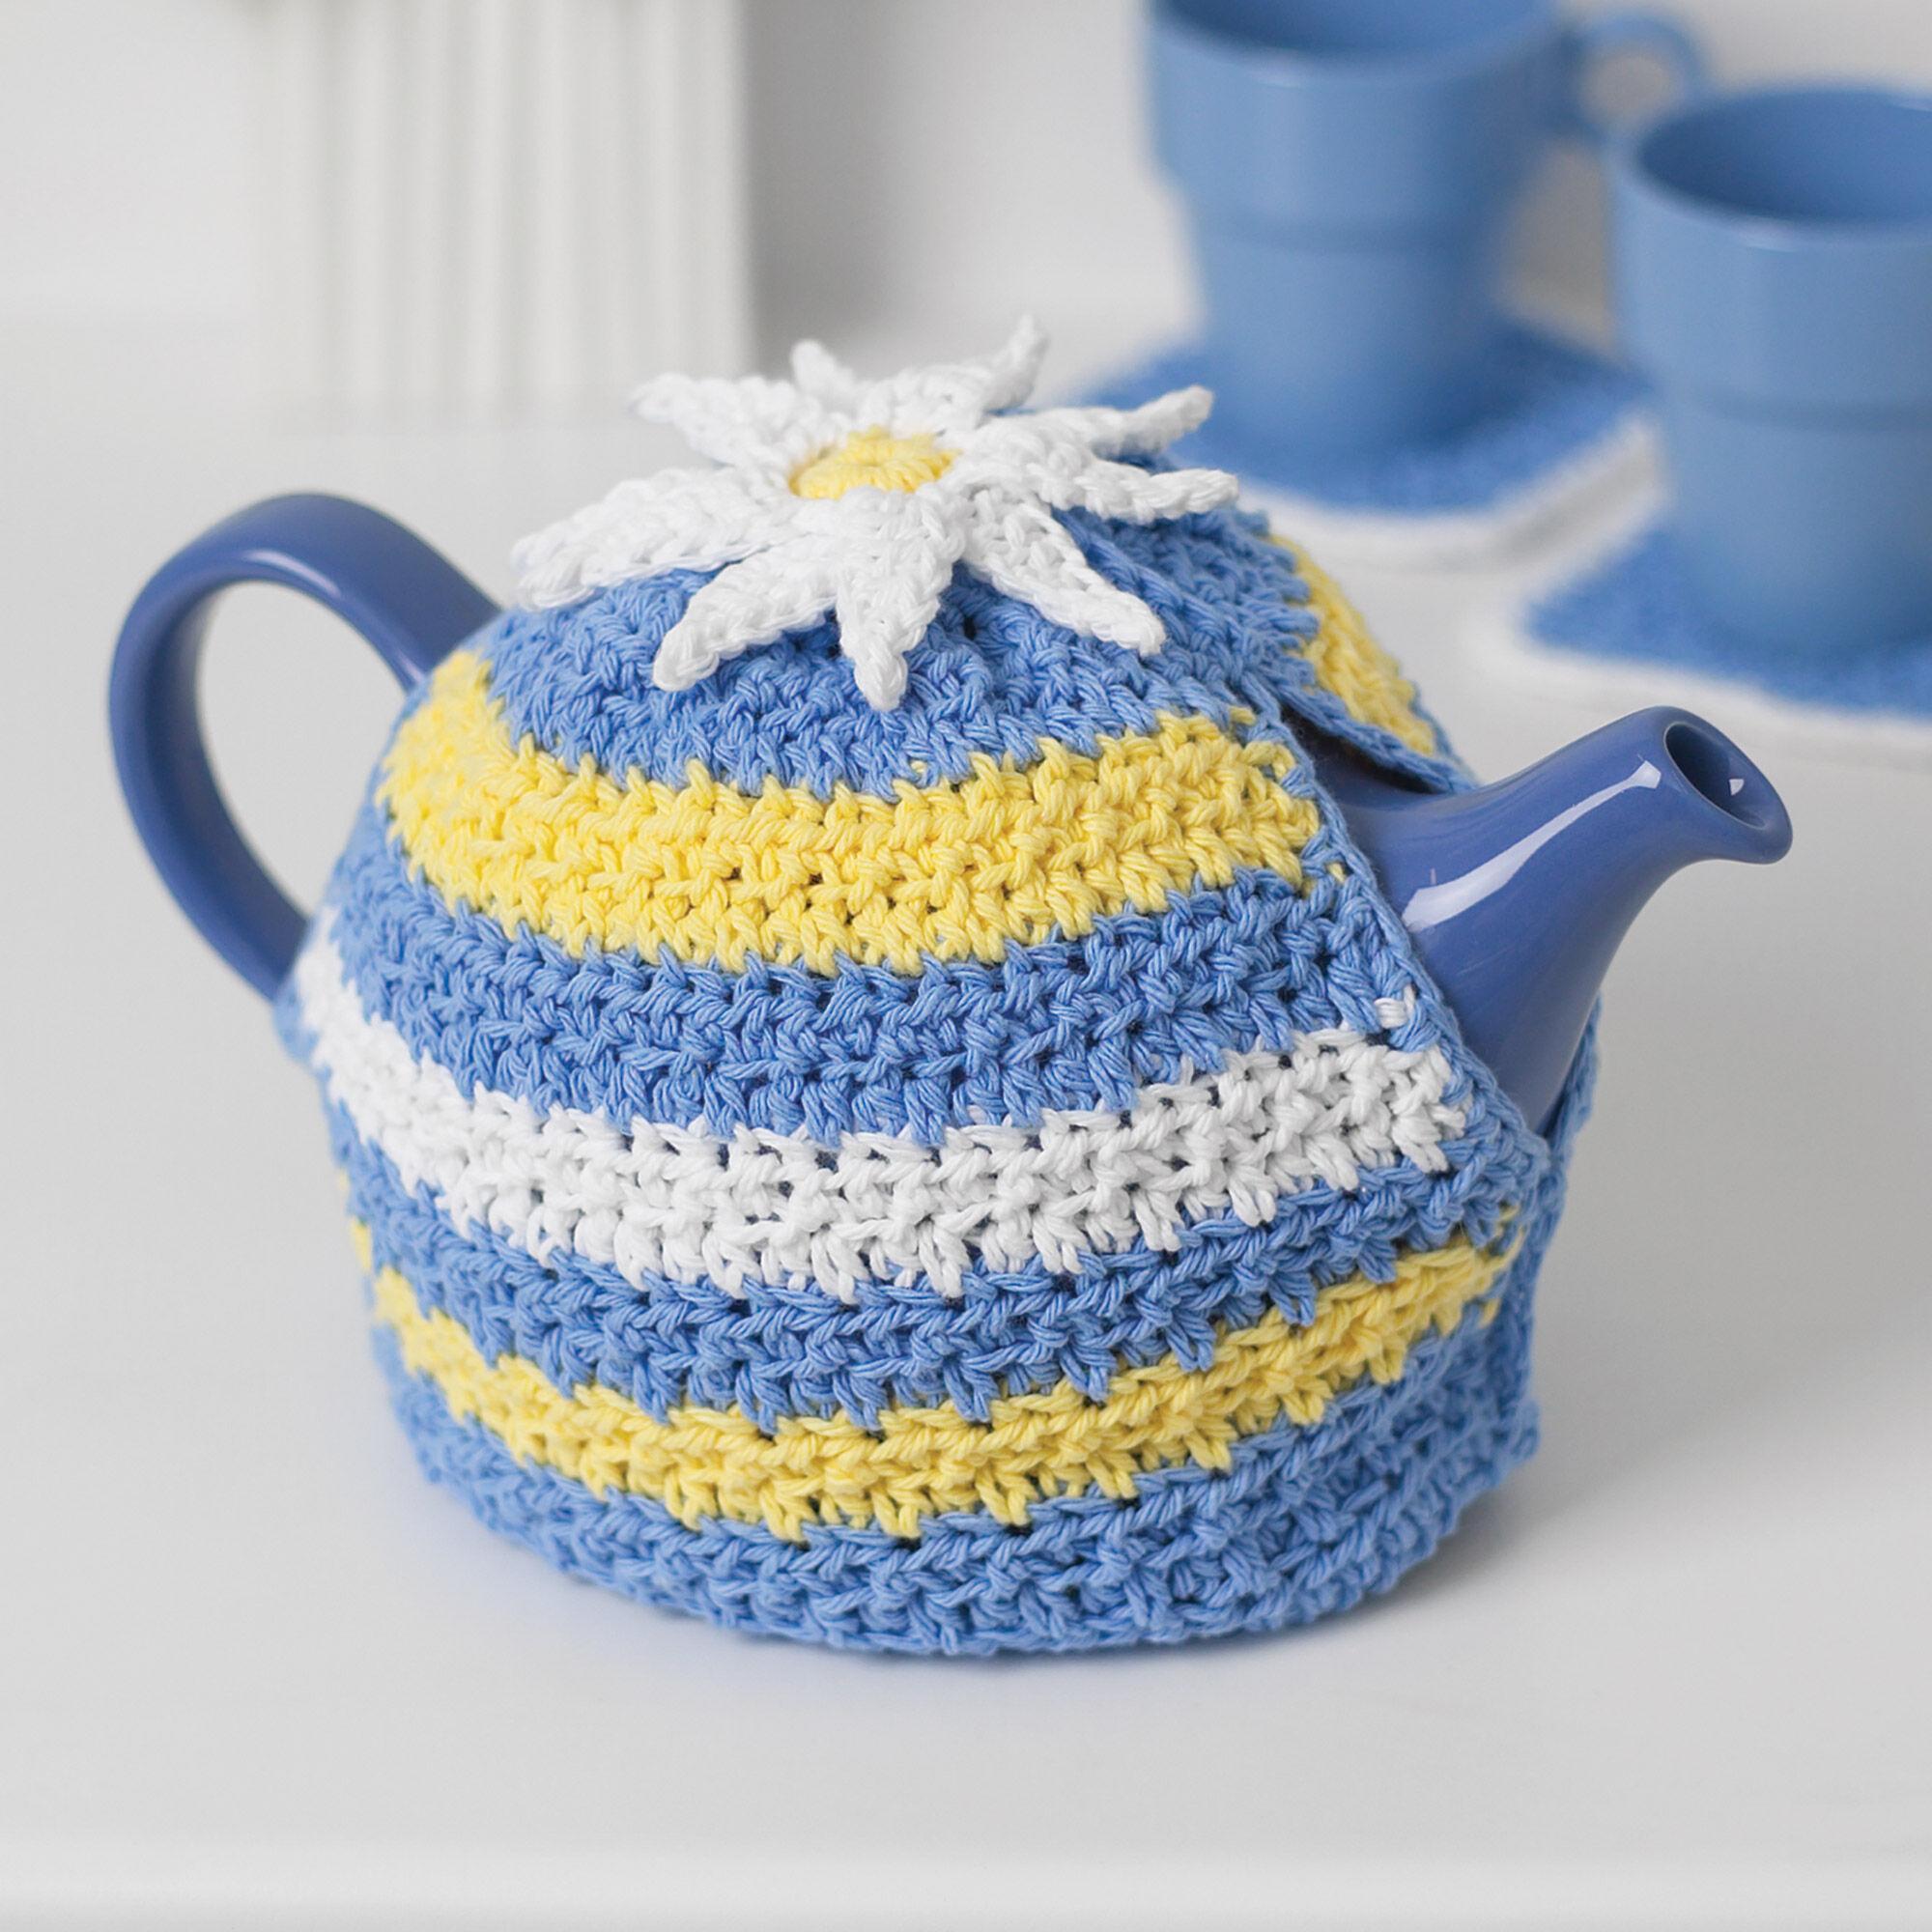 Lily sugarn cream daisy motif tea cozy yarnspirations lily sugar39n cream daisy motif tea cozy izmirmasajfo